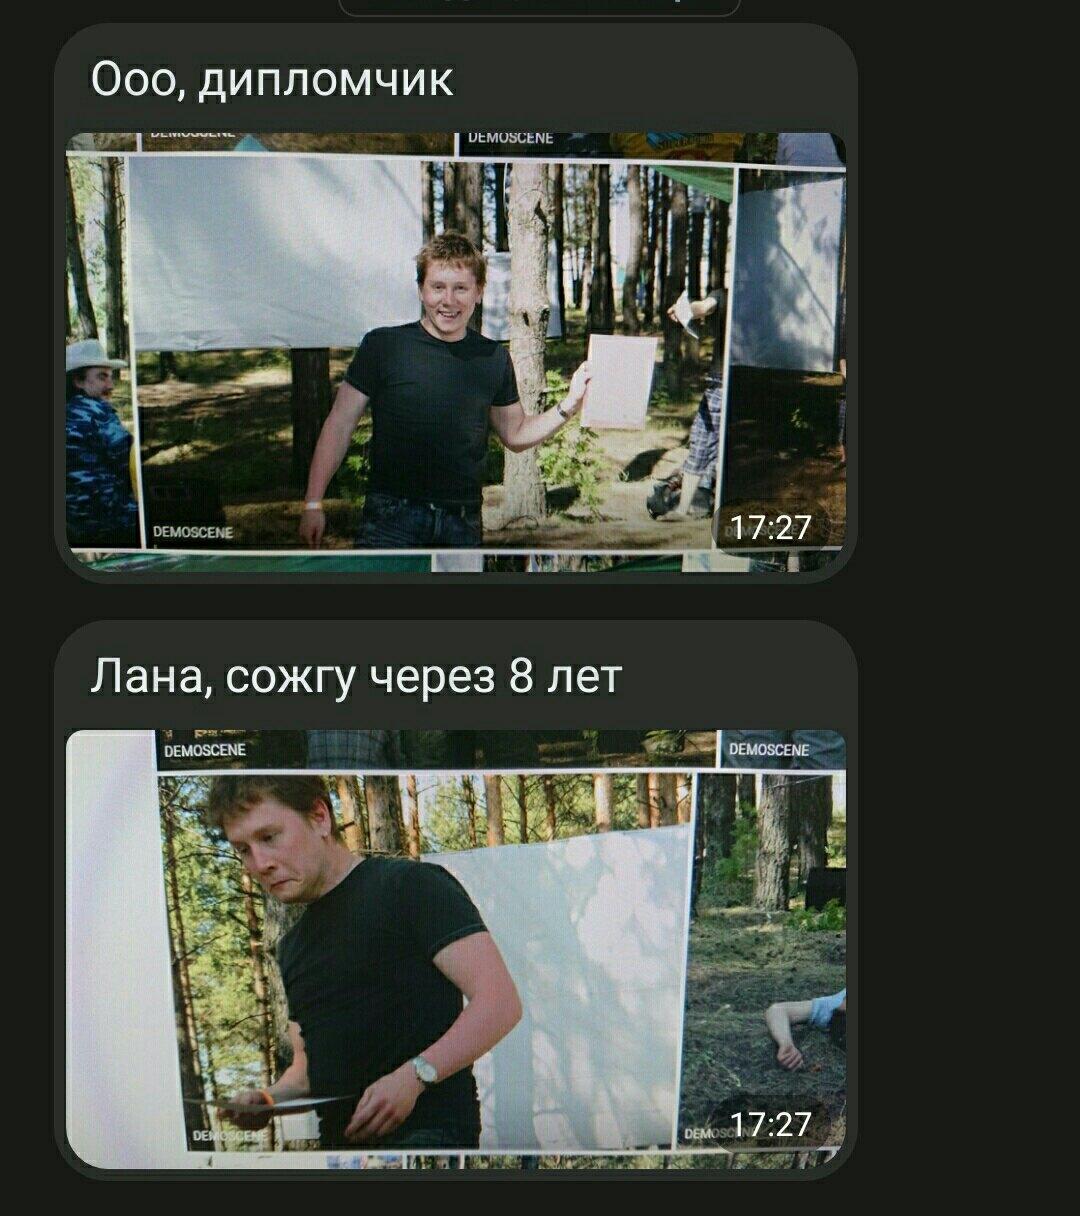 https://zxdemos.ru/uploads/images/2/767366109628a29b824d8ada989d33a7.jpg